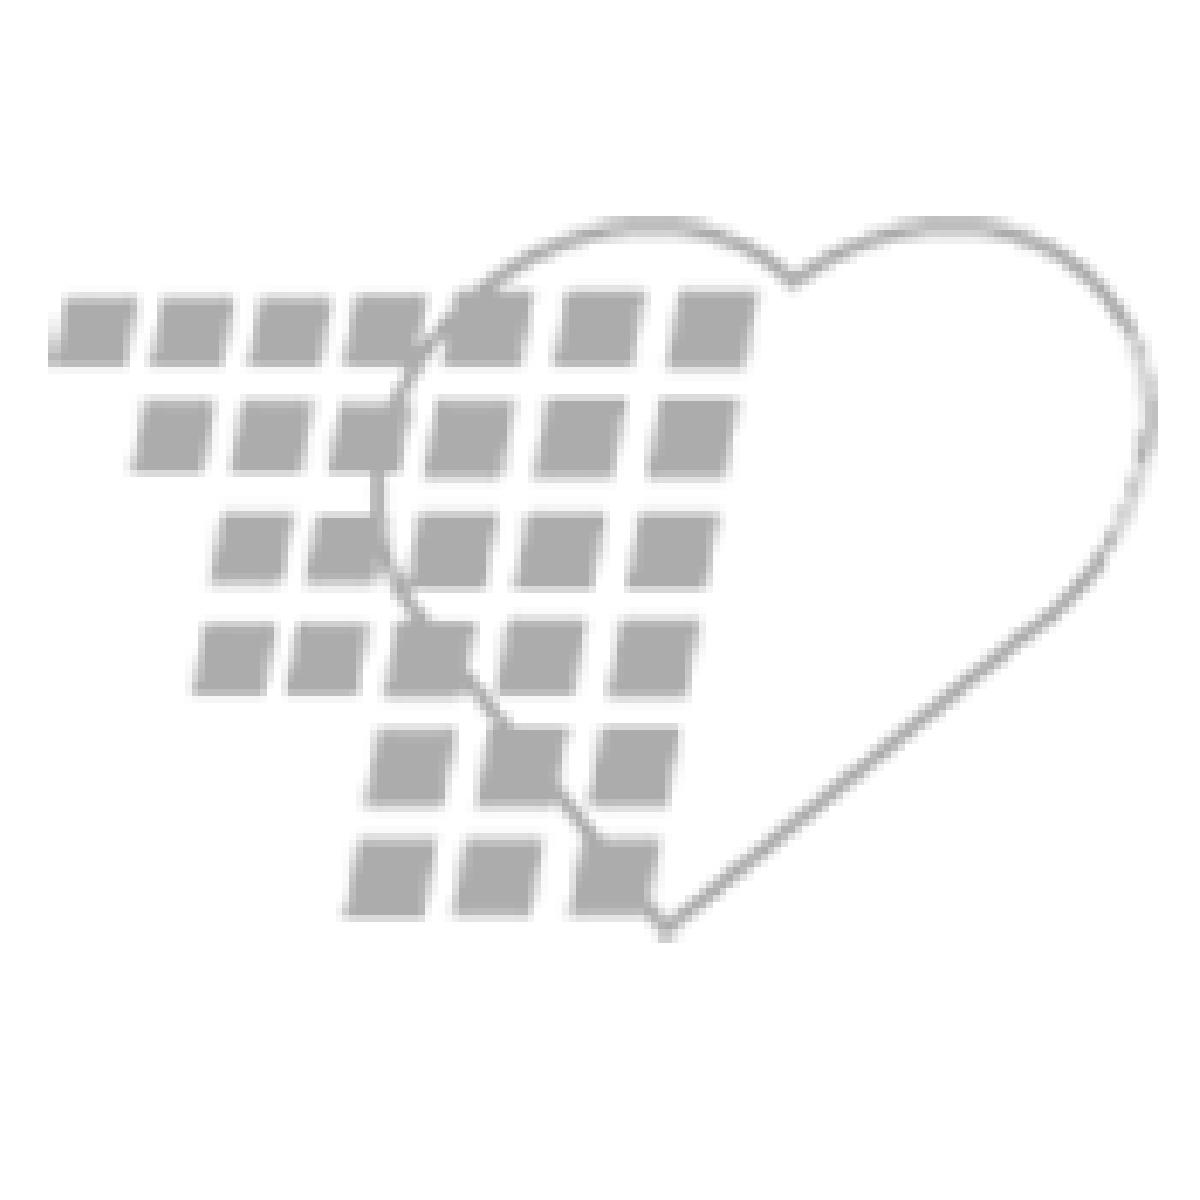 """05-51-1100-6IN - Dermacea   Gauze Roll - 2-Ply 6"""" x 4 yd - Sterile"""